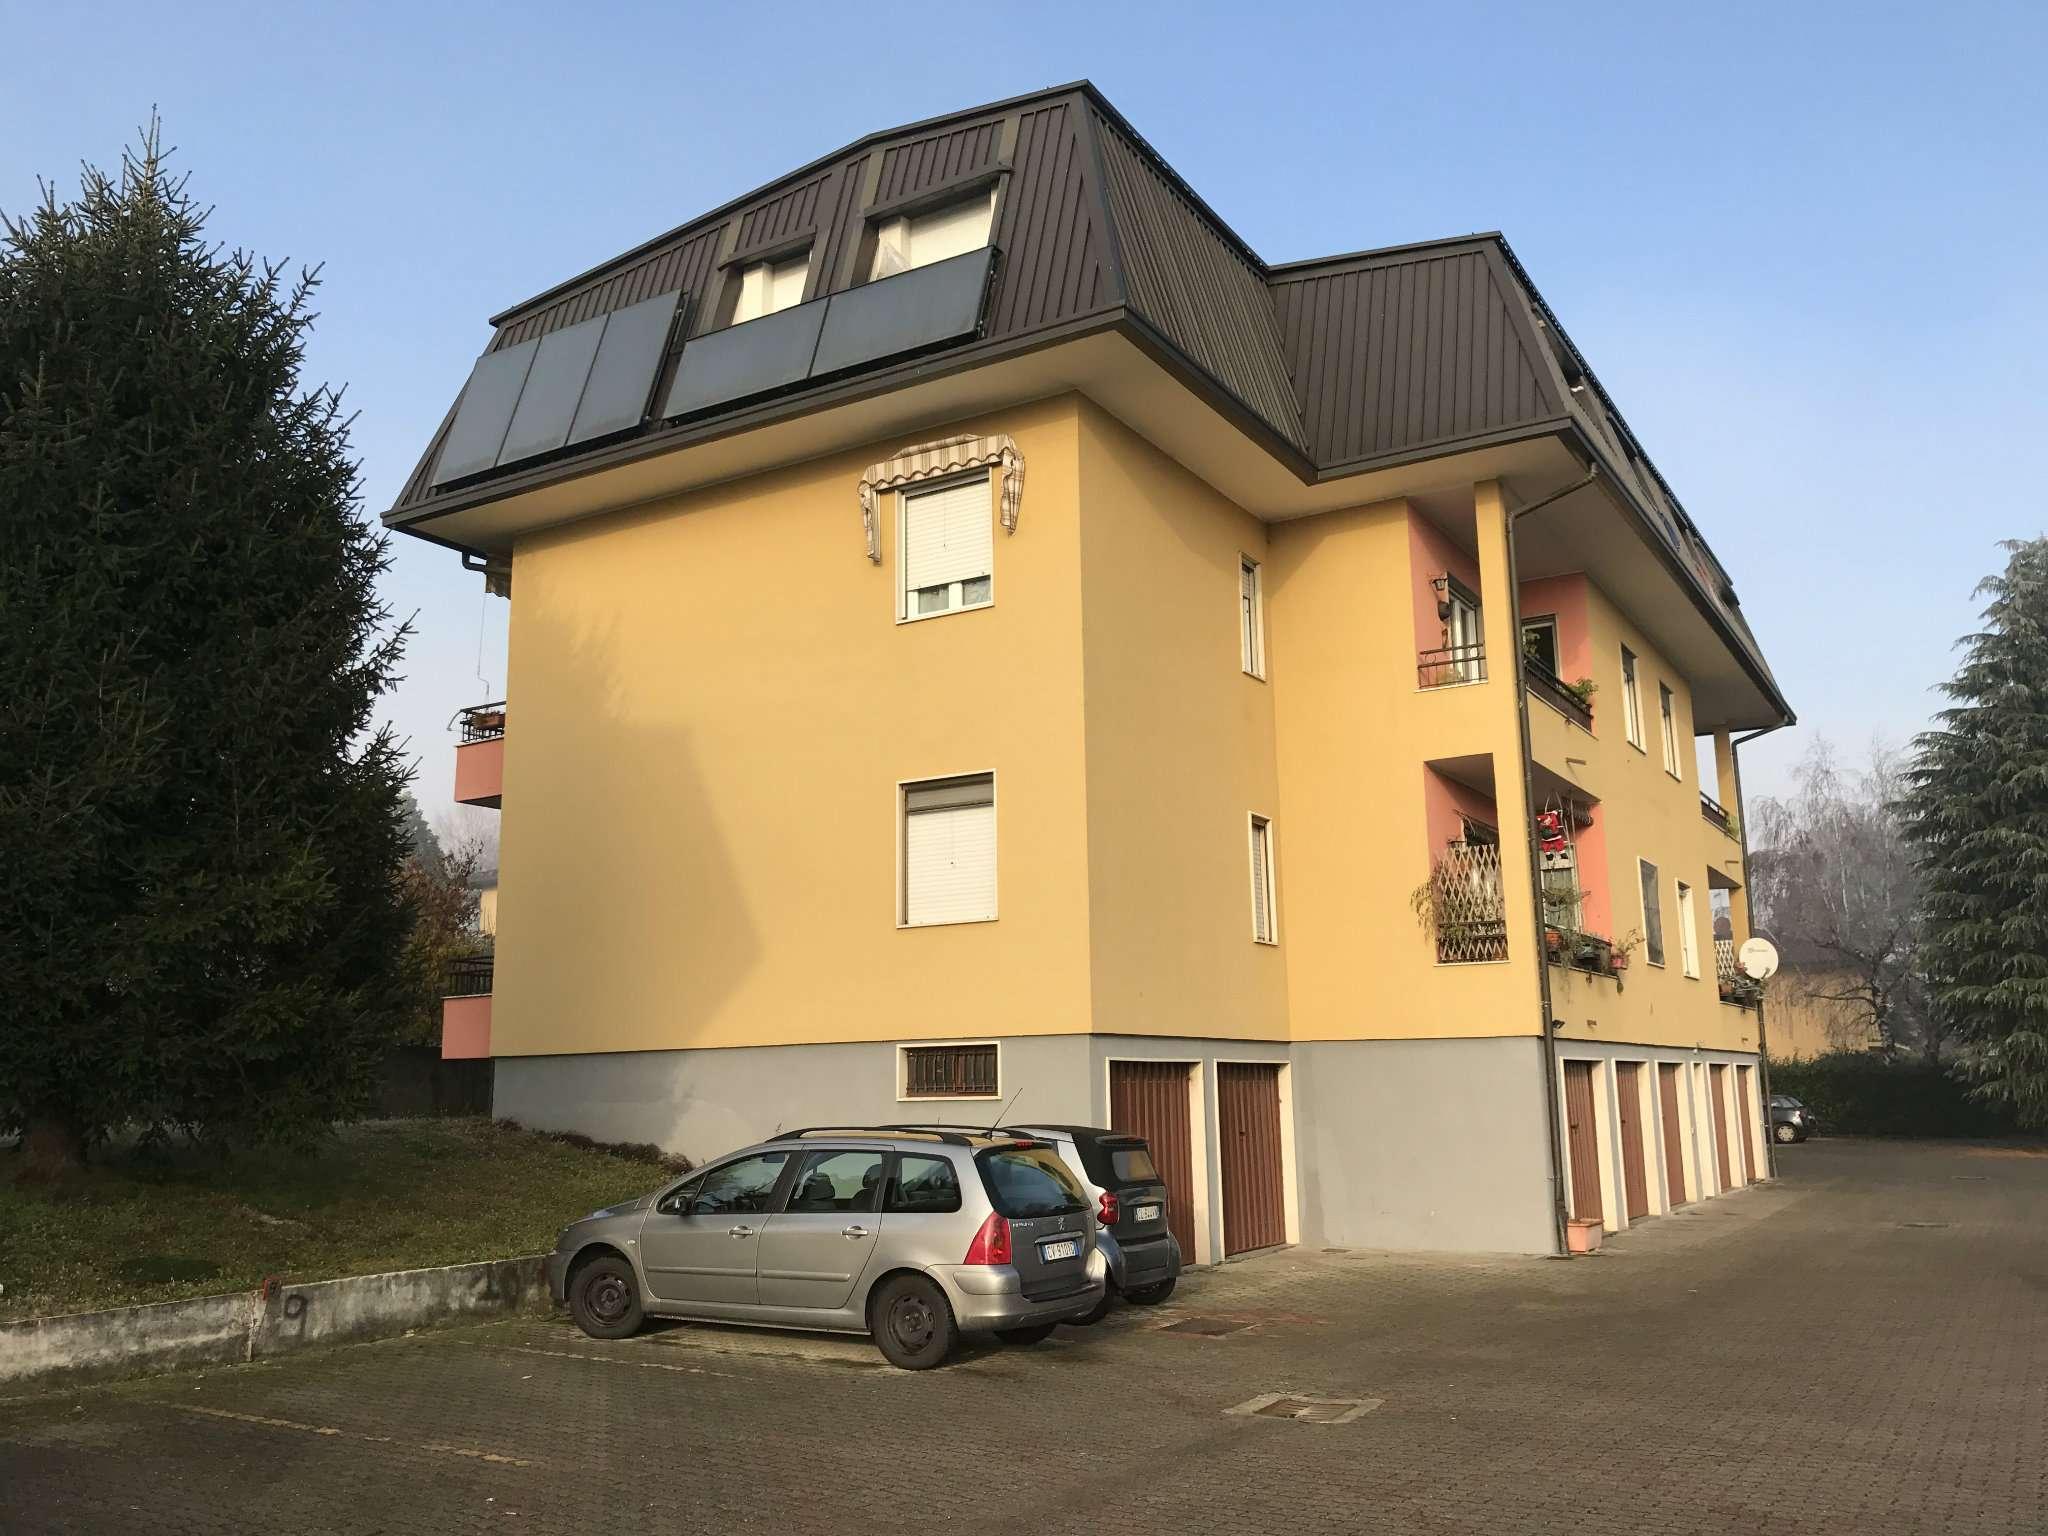 Appartamento in affitto a Daverio, 2 locali, prezzo € 450 | Cambio Casa.it